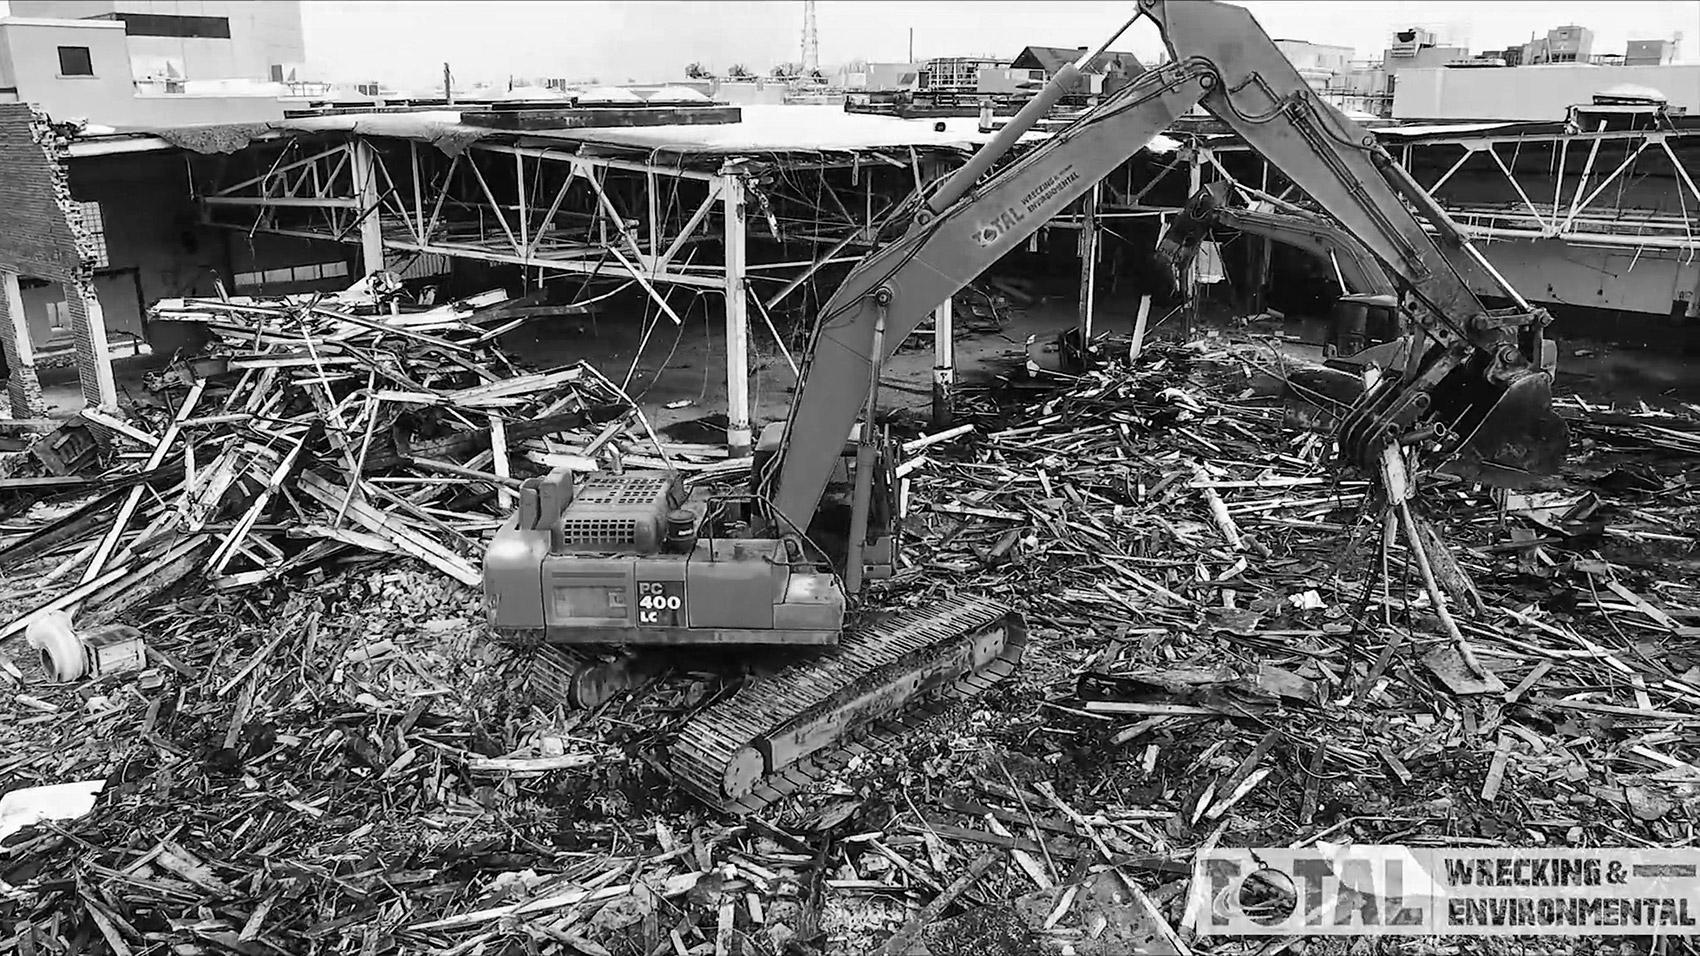 disaster emergency total wrecking environmental